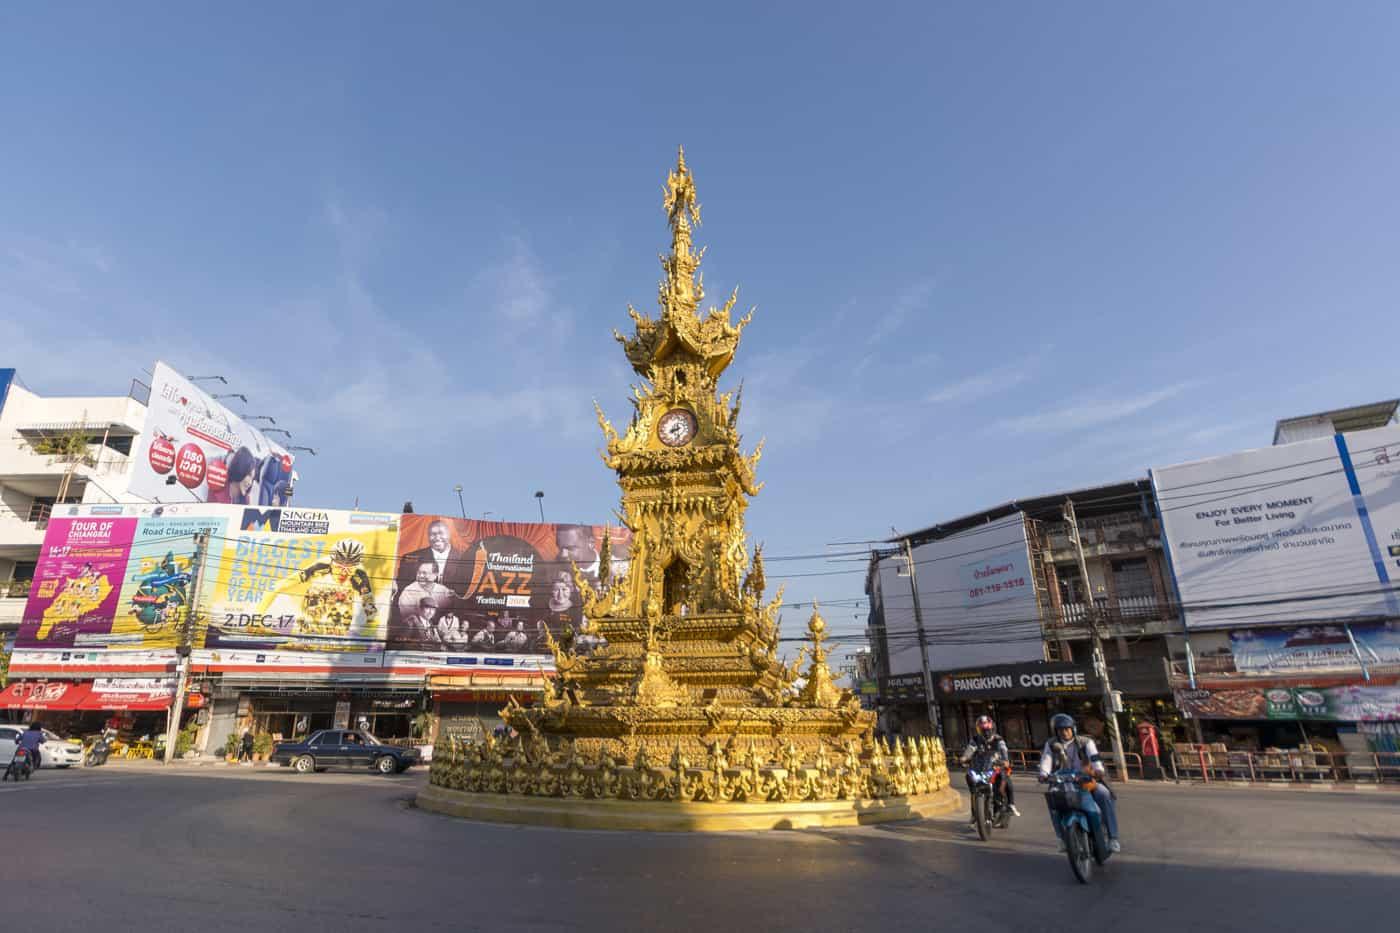 Goldener Uhrenturm in Chiang Rai in Thailand und die Pünktlichkeit